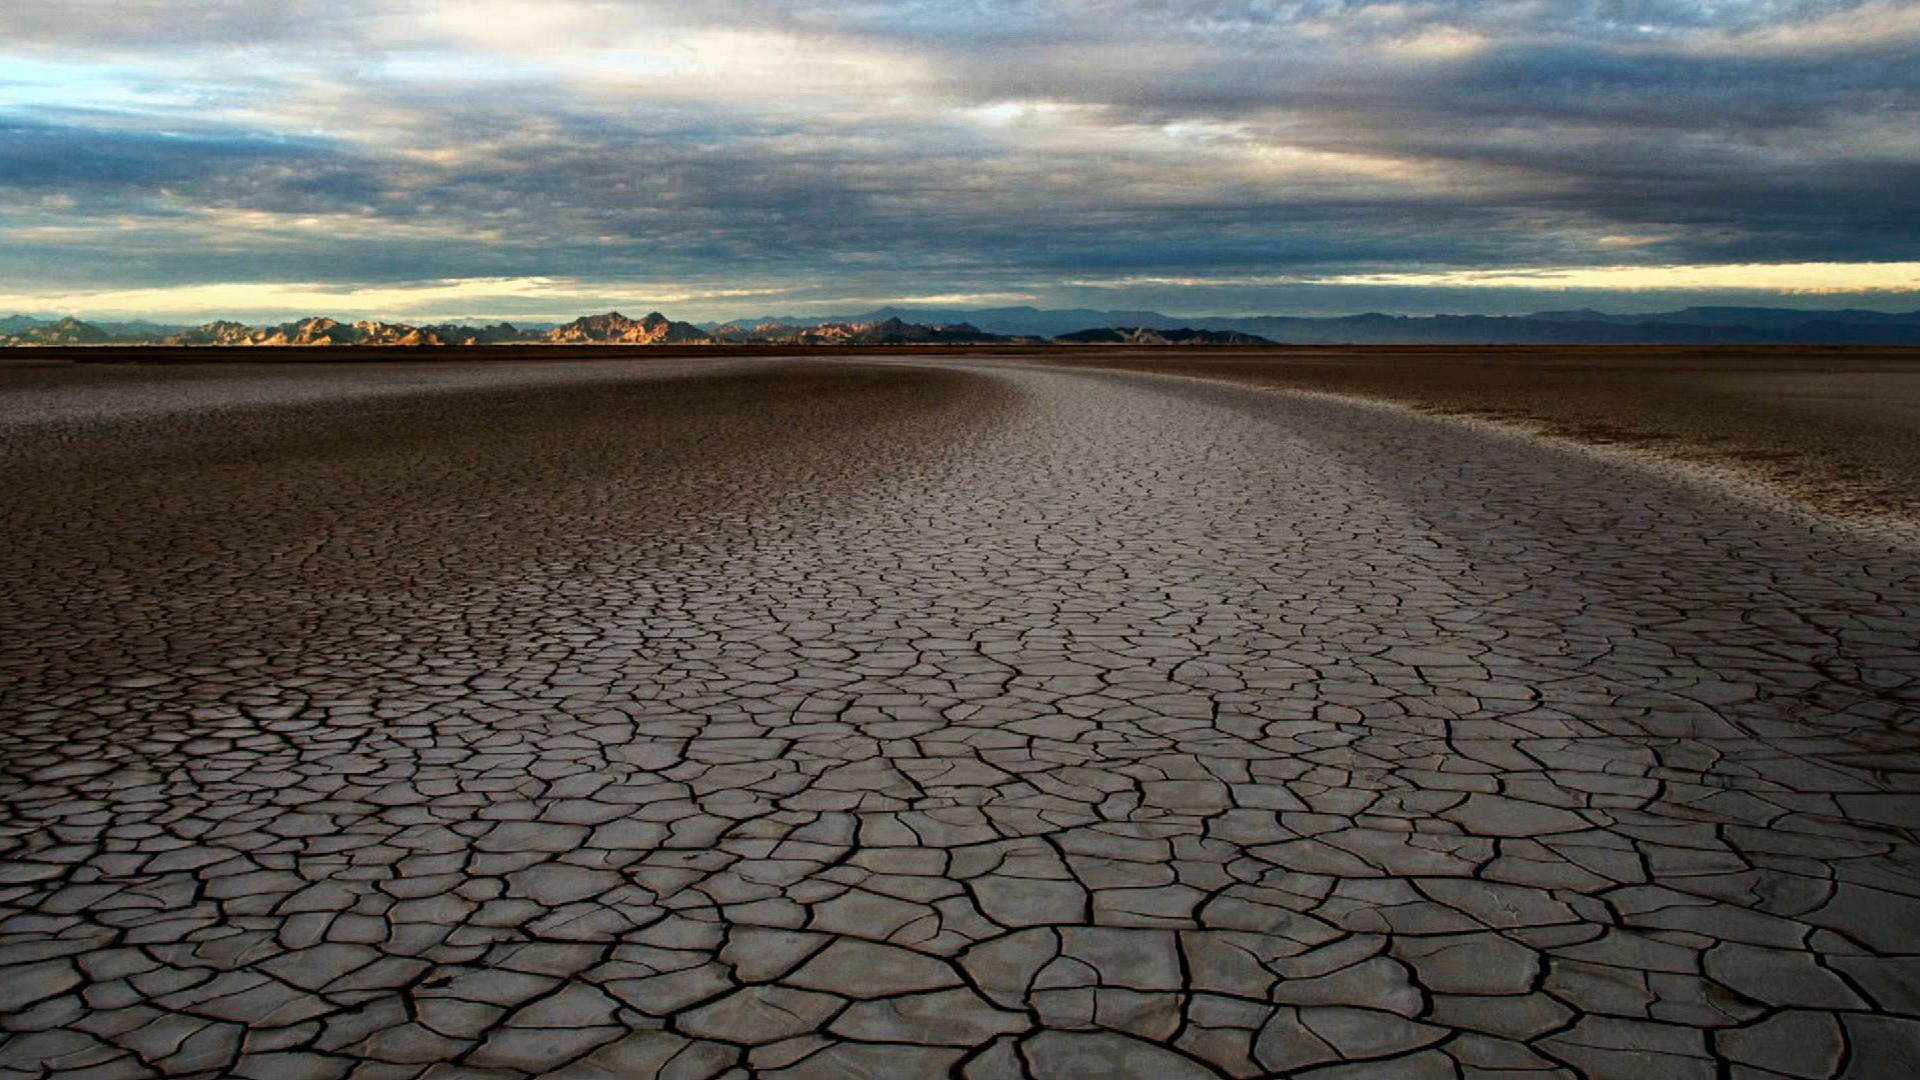 تابستان و حسرت : هشدار تابستانه از دیدگاه MBTI